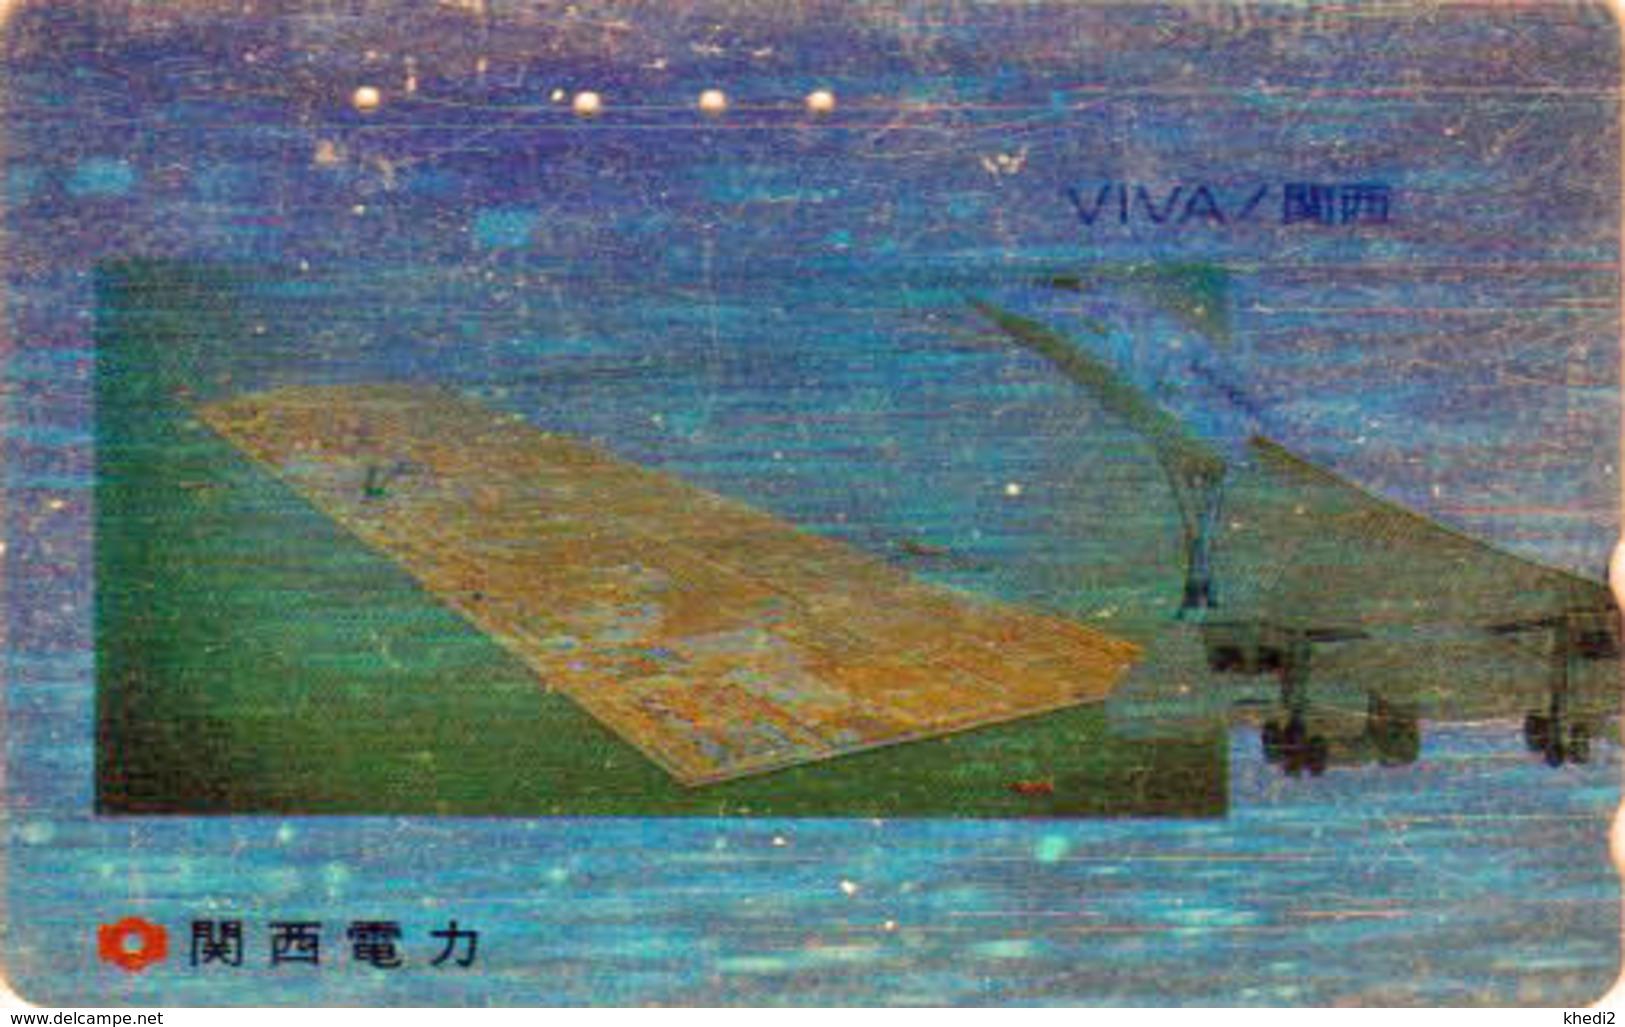 Télécarte 3 D ARGENT Japon / 110-011 - AIR FRANCE - AVION CONCORDE PLANE AIRLINES Japan SILVER Phonecard - Aviation 2238 - Avions